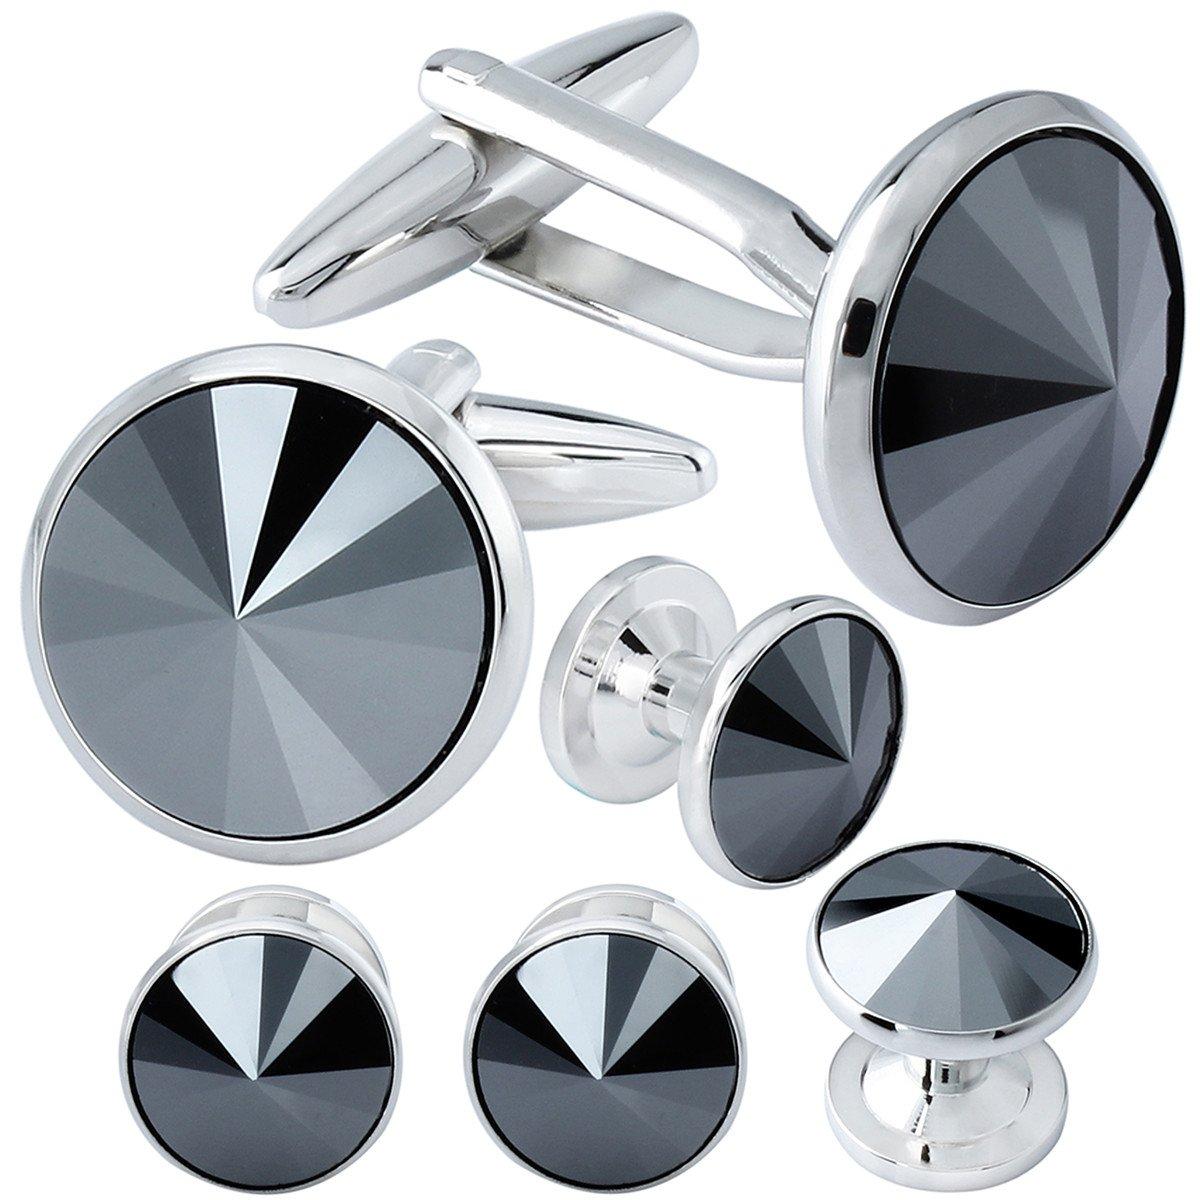 HAWSON Cufflink and Studs Tuxedo Set Silver Color with Swarovski Crystals in Jet Hematite